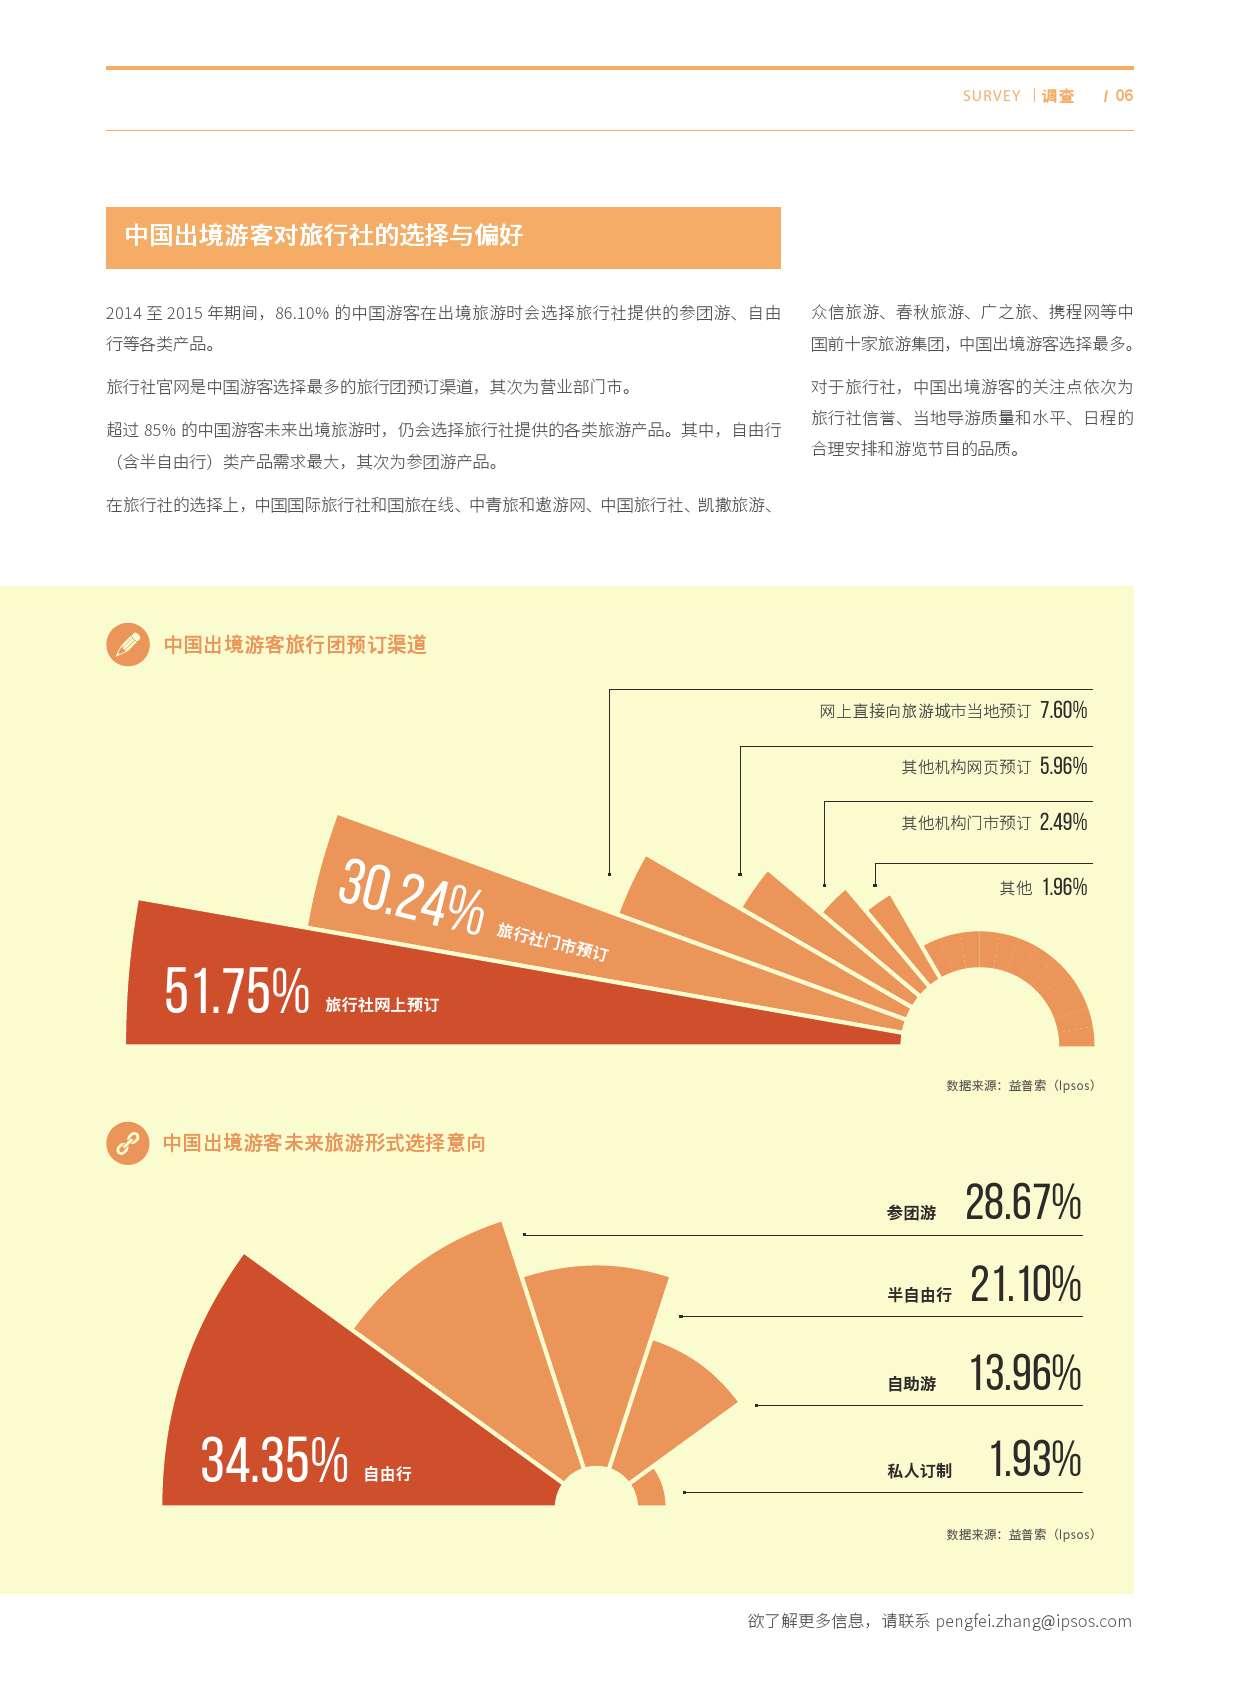 益普索:2015年度中国公民出境(城市)旅游消费调查报告_000006